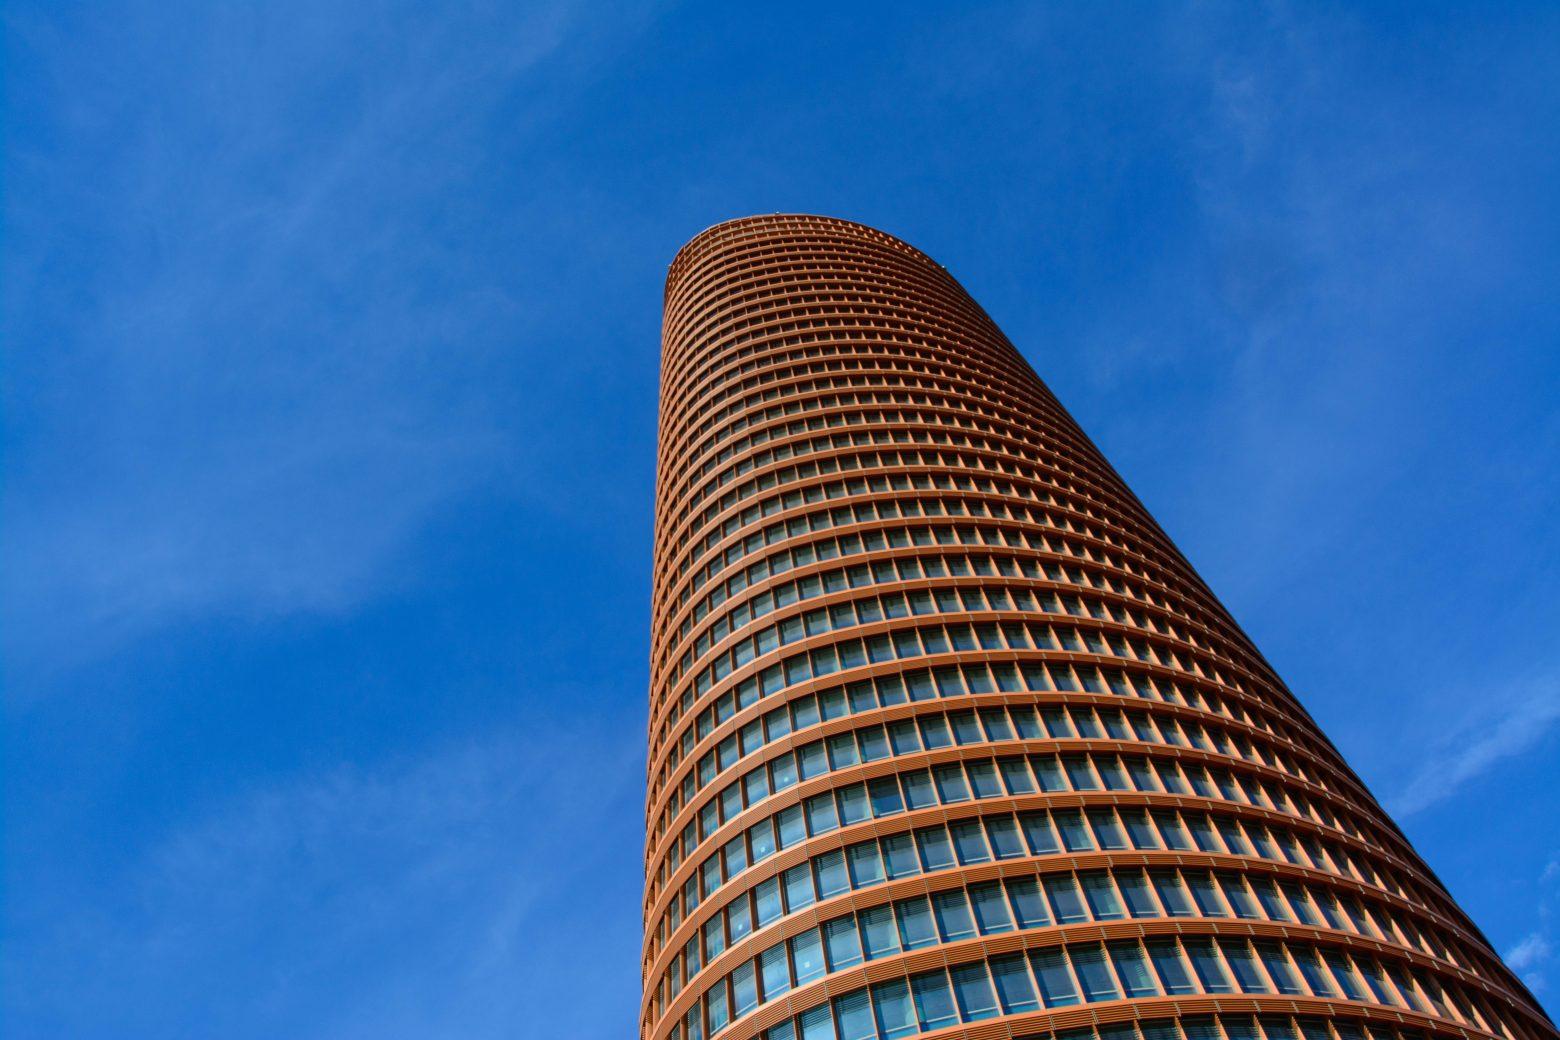 torre-cajasol-786180